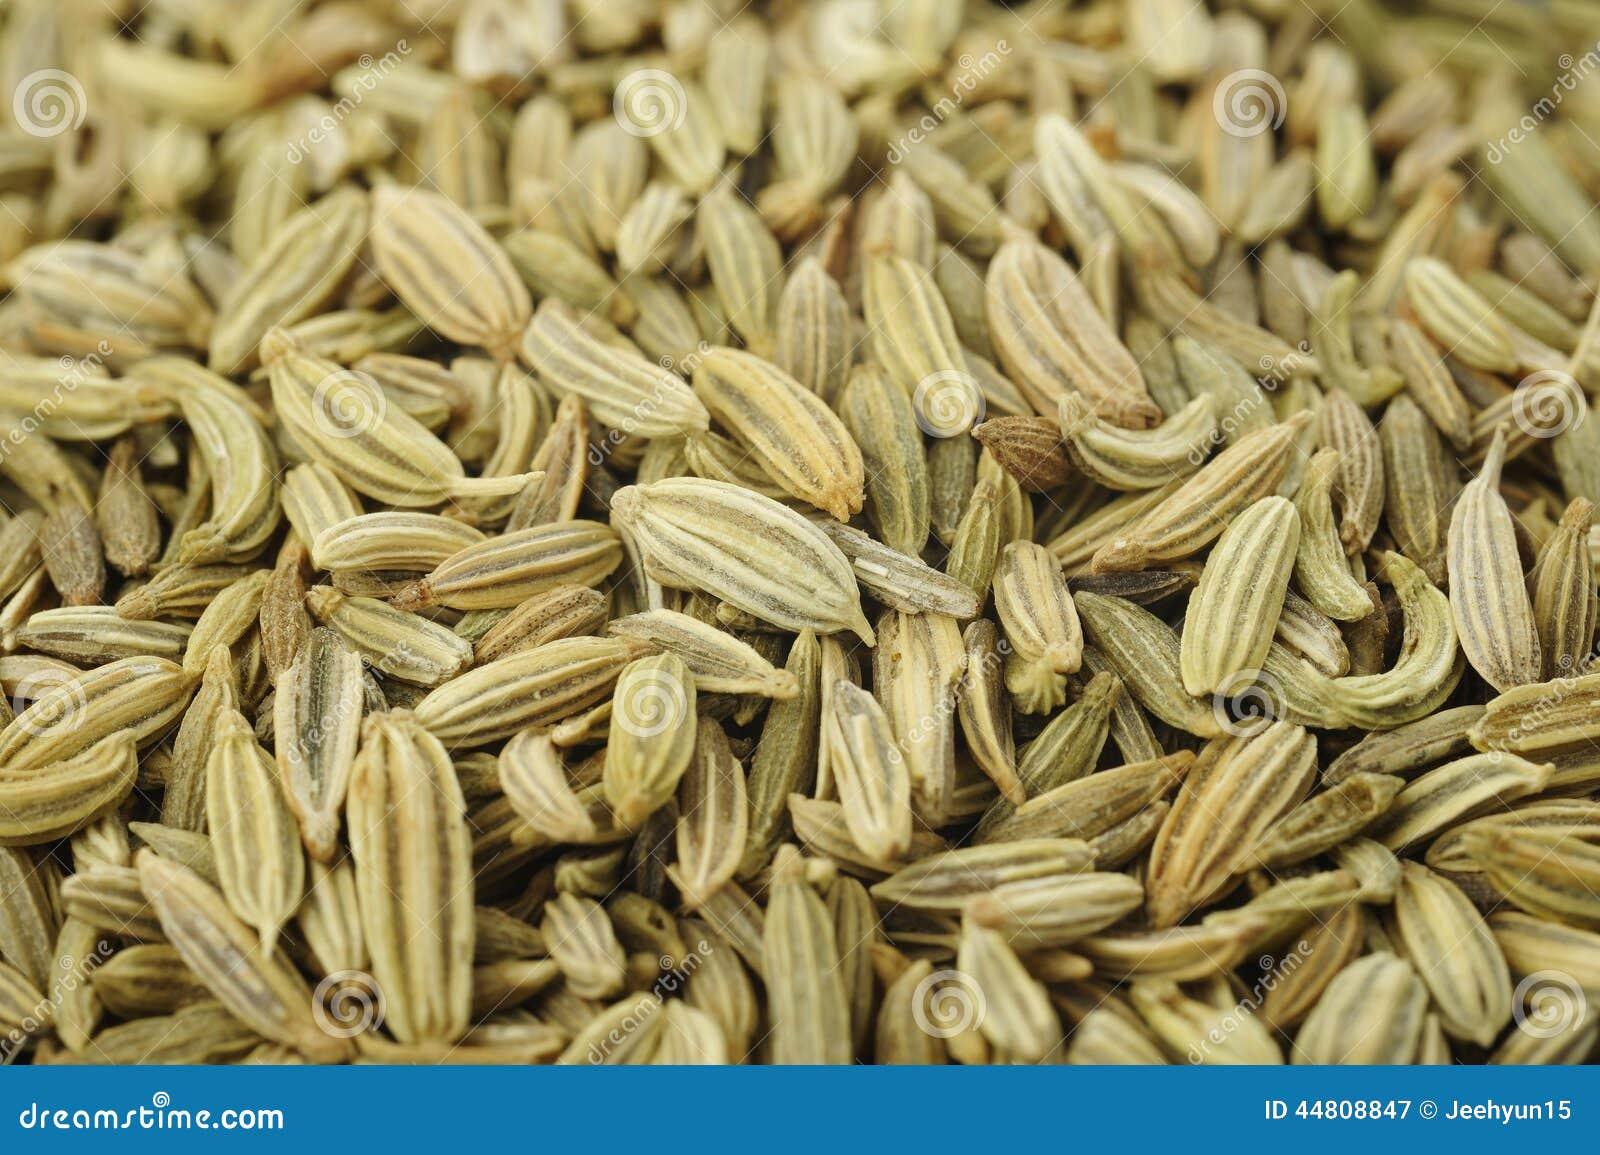 Fond de graine de fenouil image stock. Image du graine..